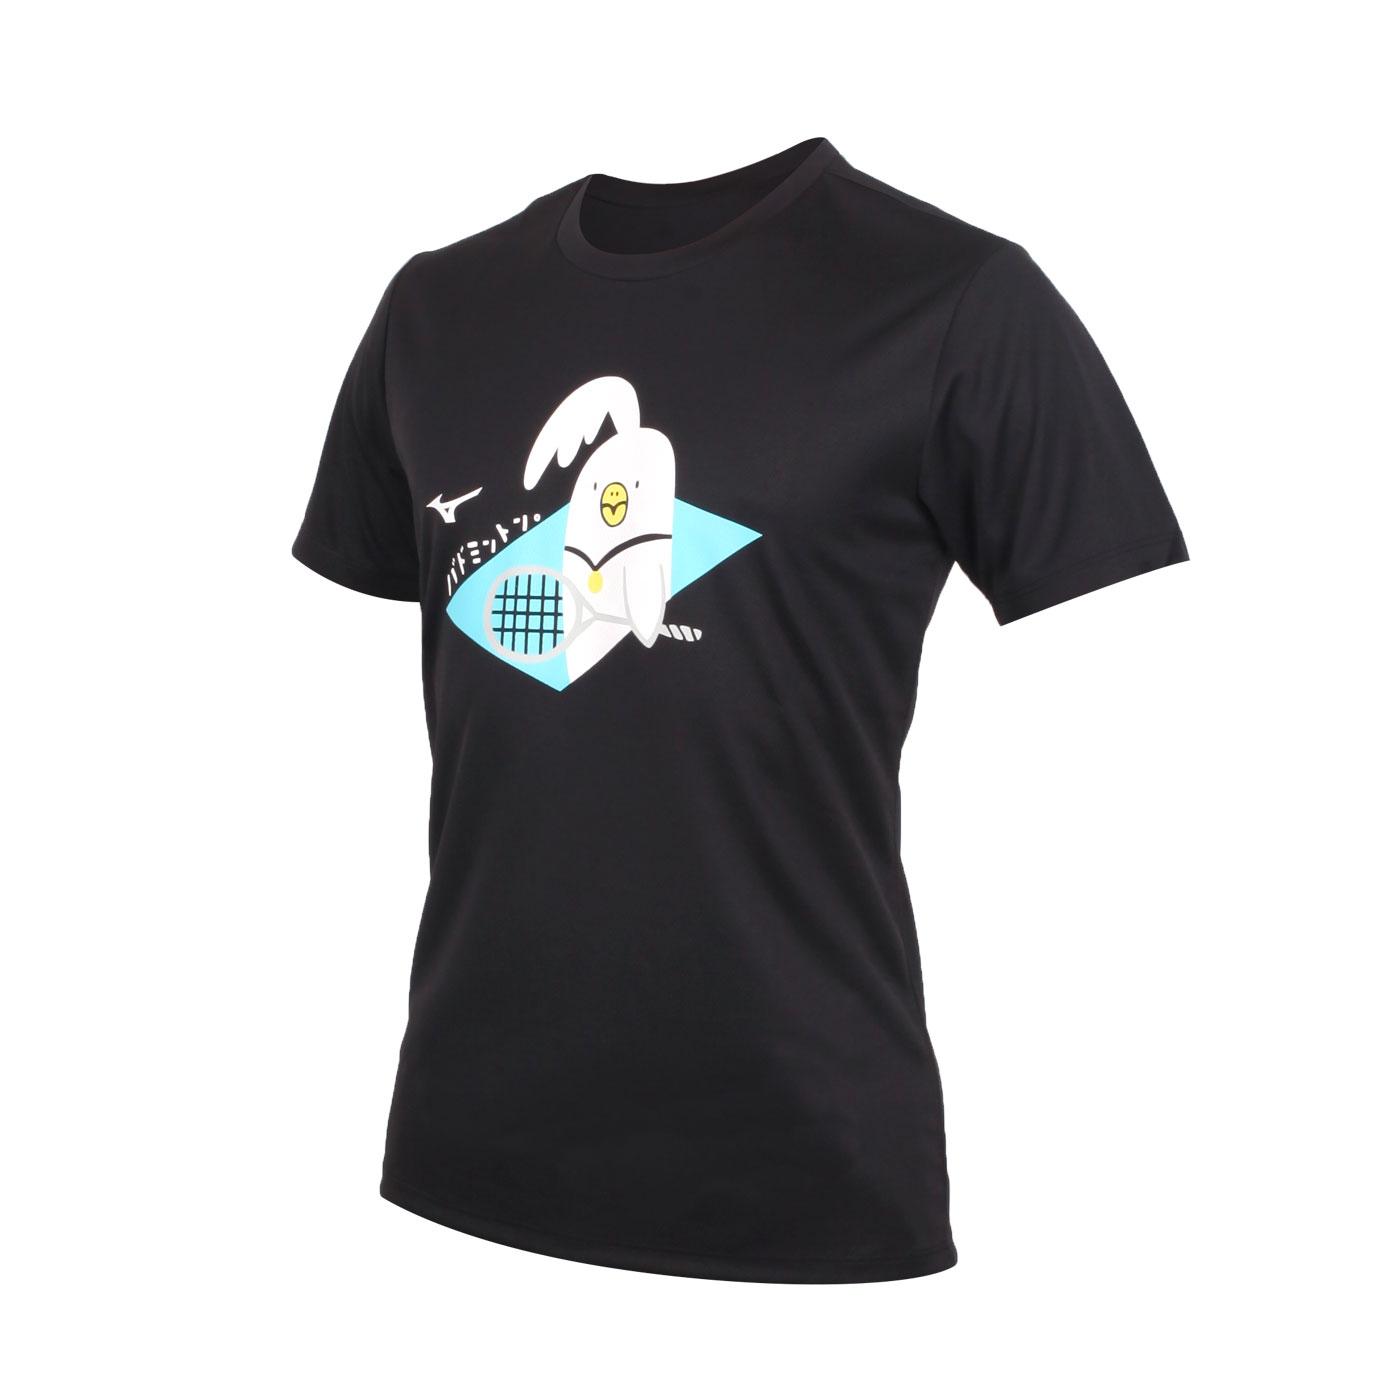 MIZUNO 男款羽球短袖T恤 72TA050409 - 黑白水藍黃